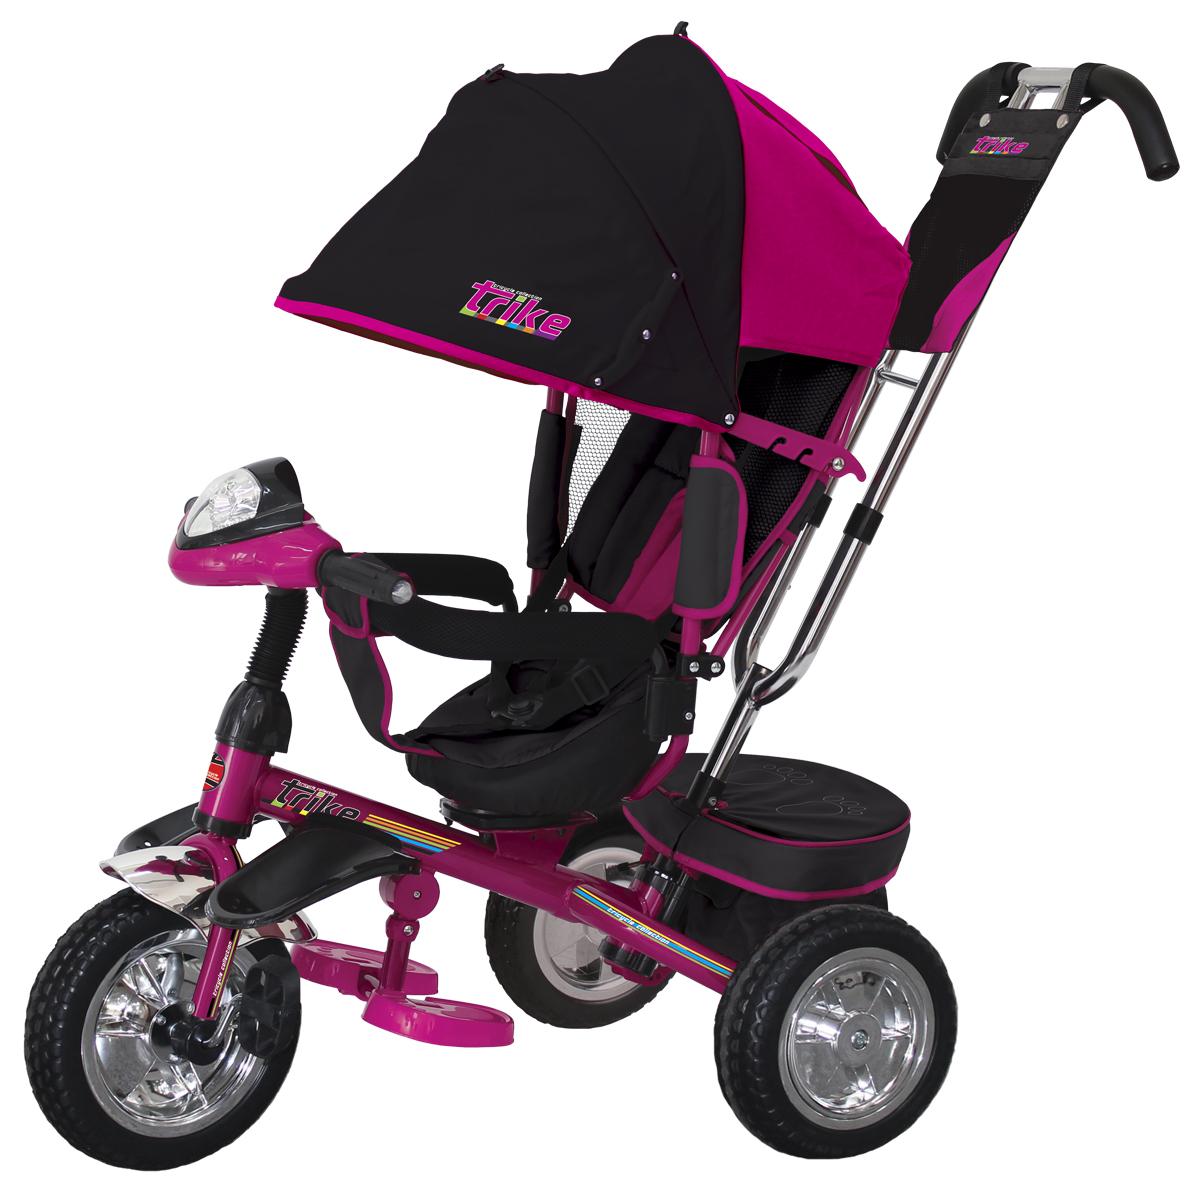 TRIKE Велосипед трехколесный цвет розовый T4PT4PТрехколесный велосипед TRIKE подойдет для малышей, которые только осваивают этот вид транспорта. Катание на велосипеде положительно влияет на физическую форму ребенка и улучшает координацию движений. Данная модель детского велосипеда имеет съемную крышу, которая регулируется по высоте. В этой модели предусмотрена подставка для ножек ребенка. Ребенок может держаться как за руль так и за специальный бортик, обитый мягкой тканью, который поможет ему удержаться на месте. Свободный ход колеса поможет маме легко управляться с велосипедом на прогулке. В корзине велосипеда удобно носить с собой необходимые на прогулке детские вещи.Конструкция велосипеда предусматривает тормоз, родительскую ручку и поворачивающее сиденье. Велосипед имеет удобную наклонную спинку, что позволяет вашему ребенку комфортно чувствовать себя на протяжении долгих прогулок. Колеса пластиковые 10 и 8 в диаметре.Для дополнительного эффекта велосипед оснащен фарой со звуковым и световым эффектами.